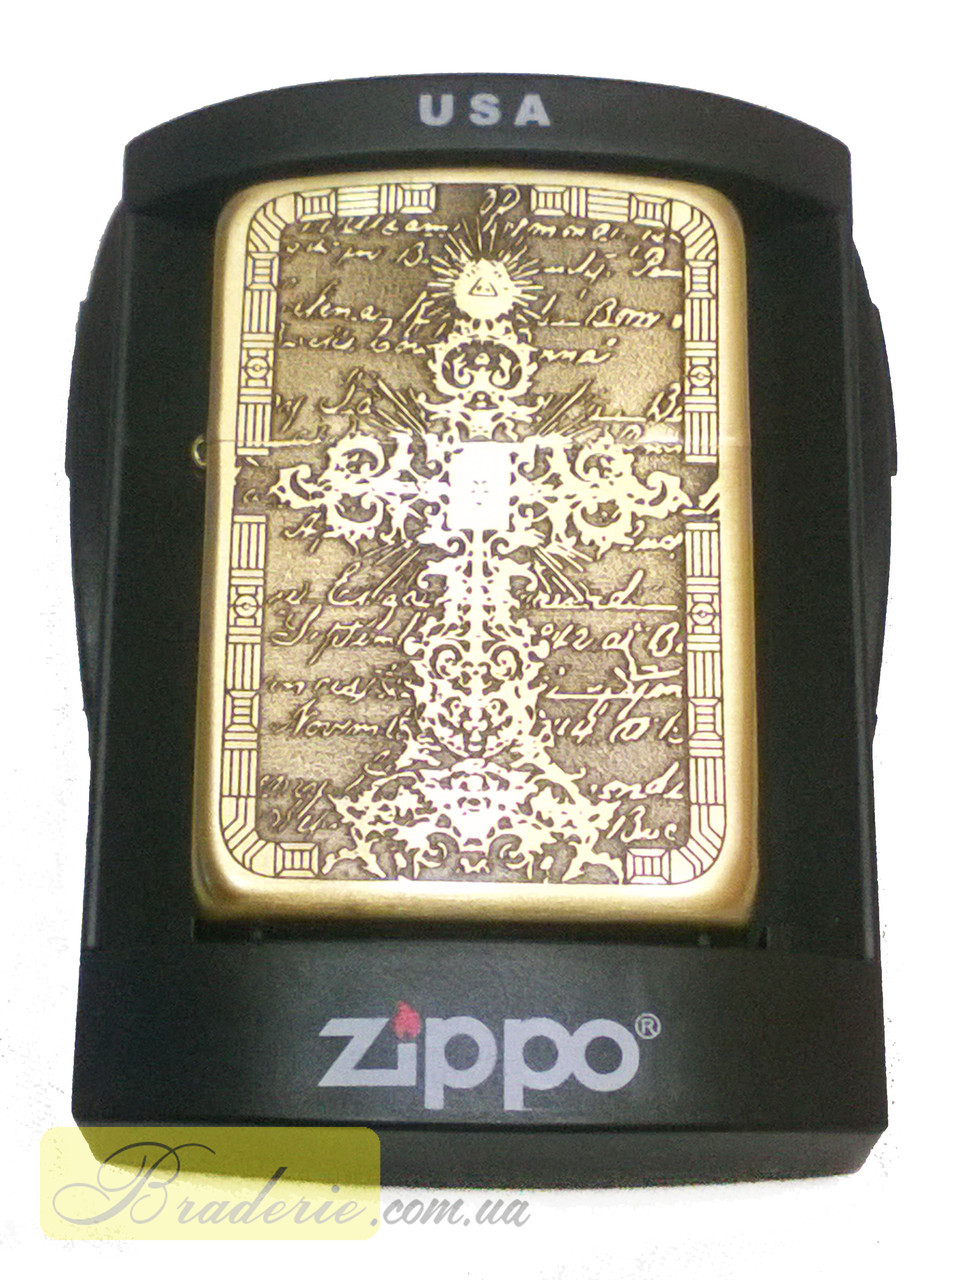 Зажигалка Zippo 4231 (копия)